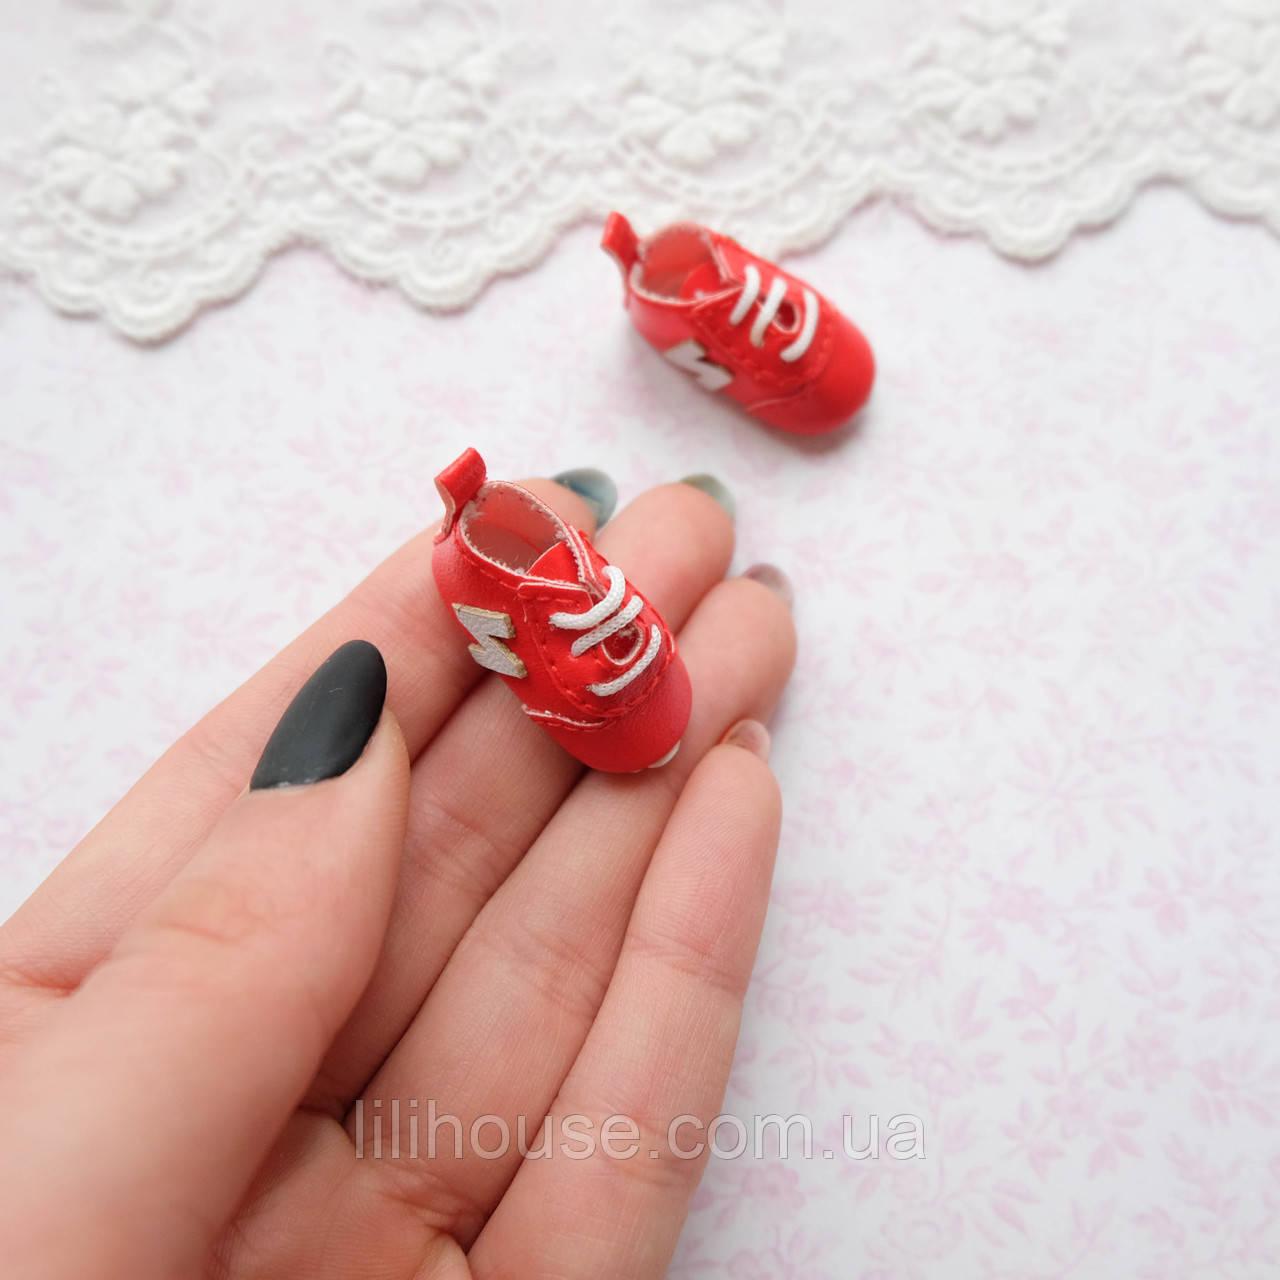 Обувь для кукол Кроссовки Мини 30*12 мм КРАСНЫЕ